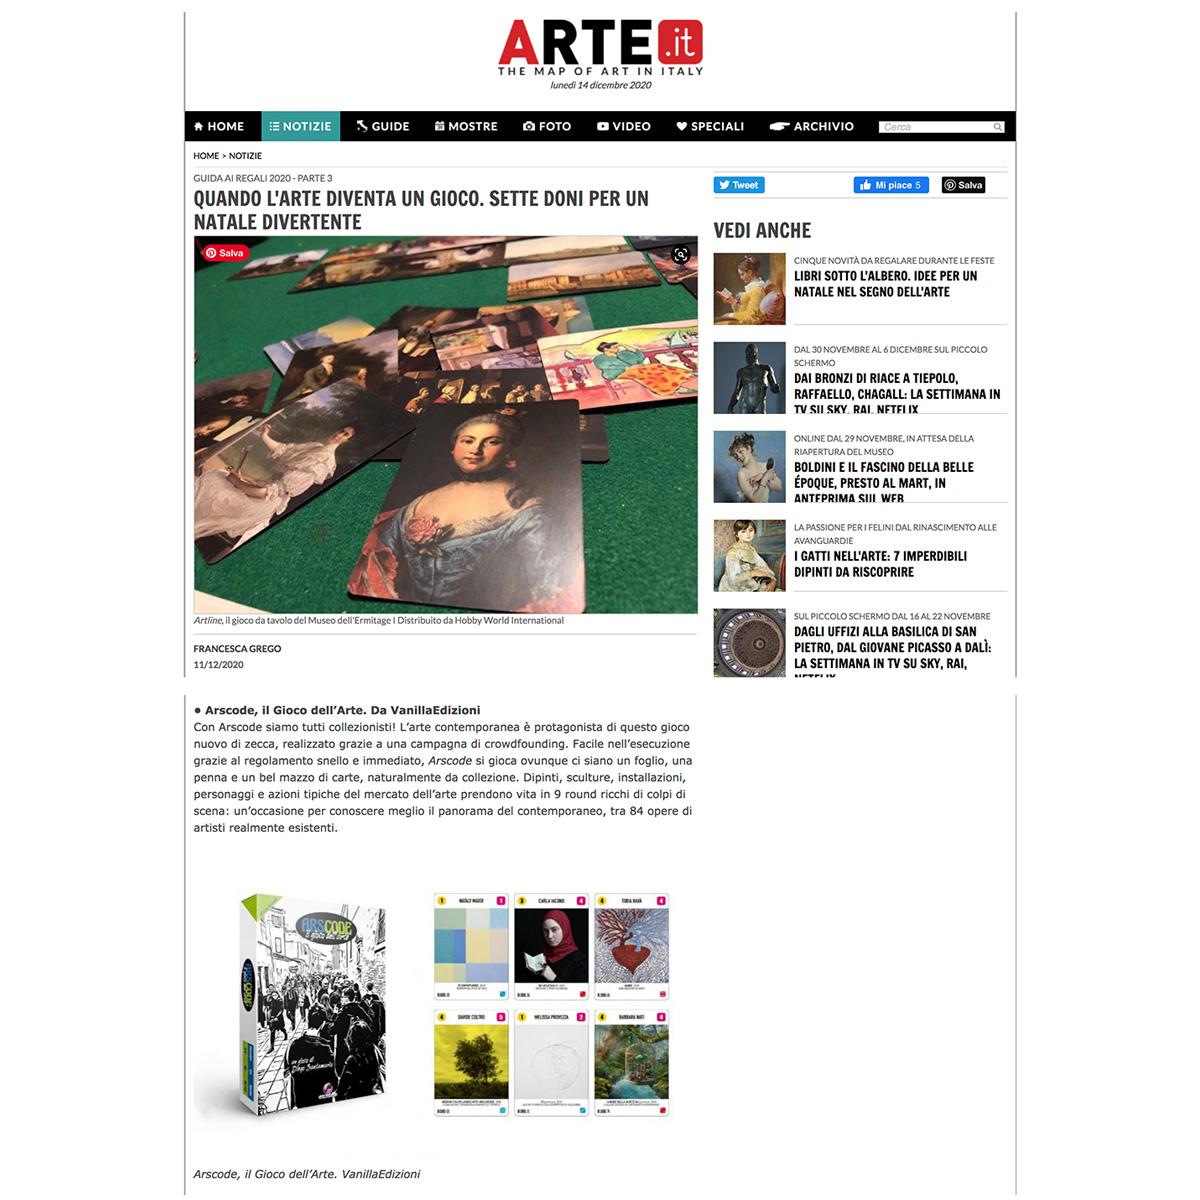 QUANDO L'ARTE DIVENTA UN GIOCO. SETTE DONI PER UN NATALE DIVERTENTE | arte.it